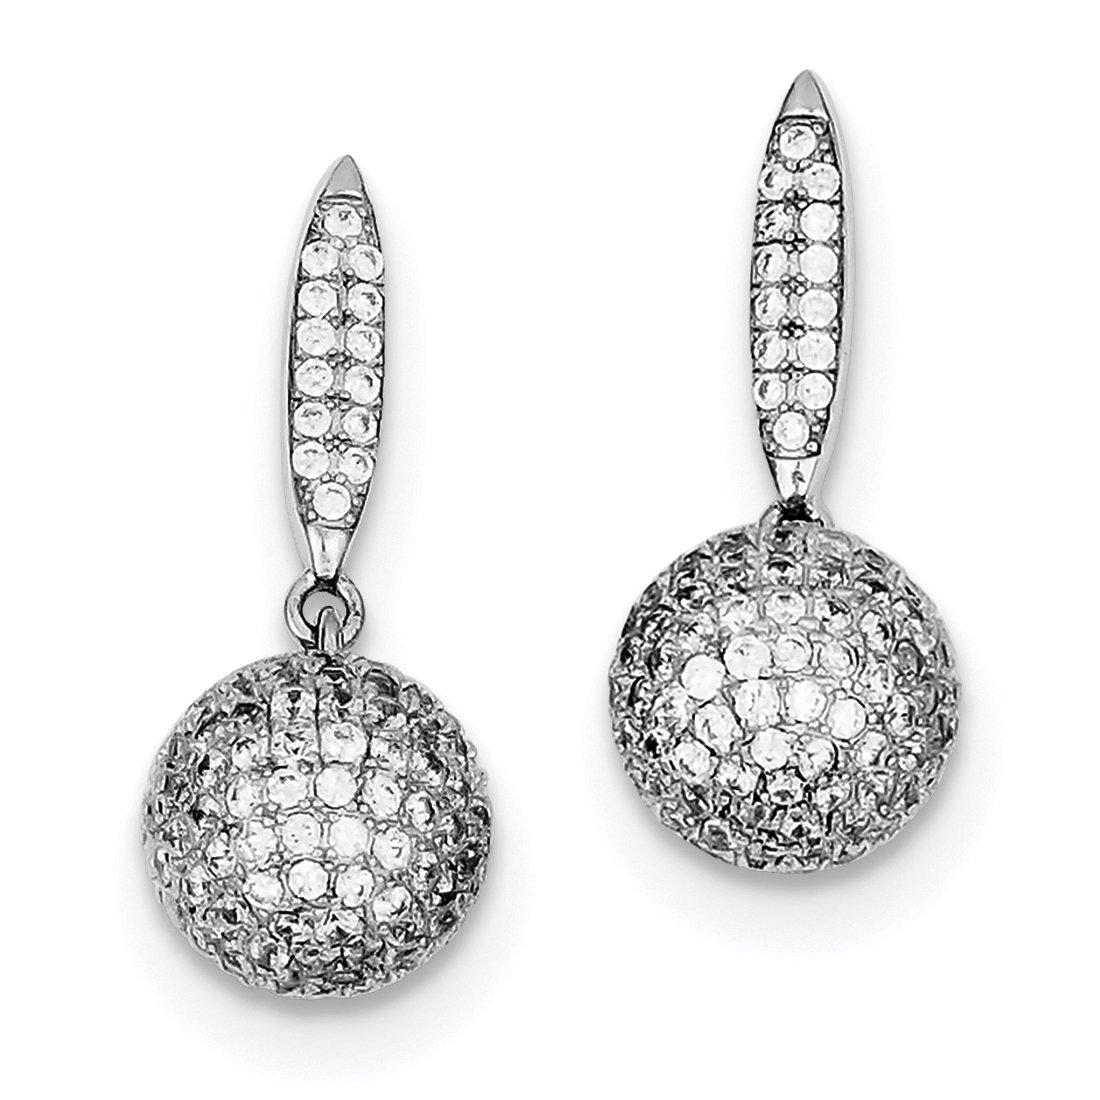 ICE CARATS 925 Sterling Silver Micro Drop Dangle Chandelier 3 D Ball Post Stud Earrings Fine Jewelry Gift Set For Women Heart